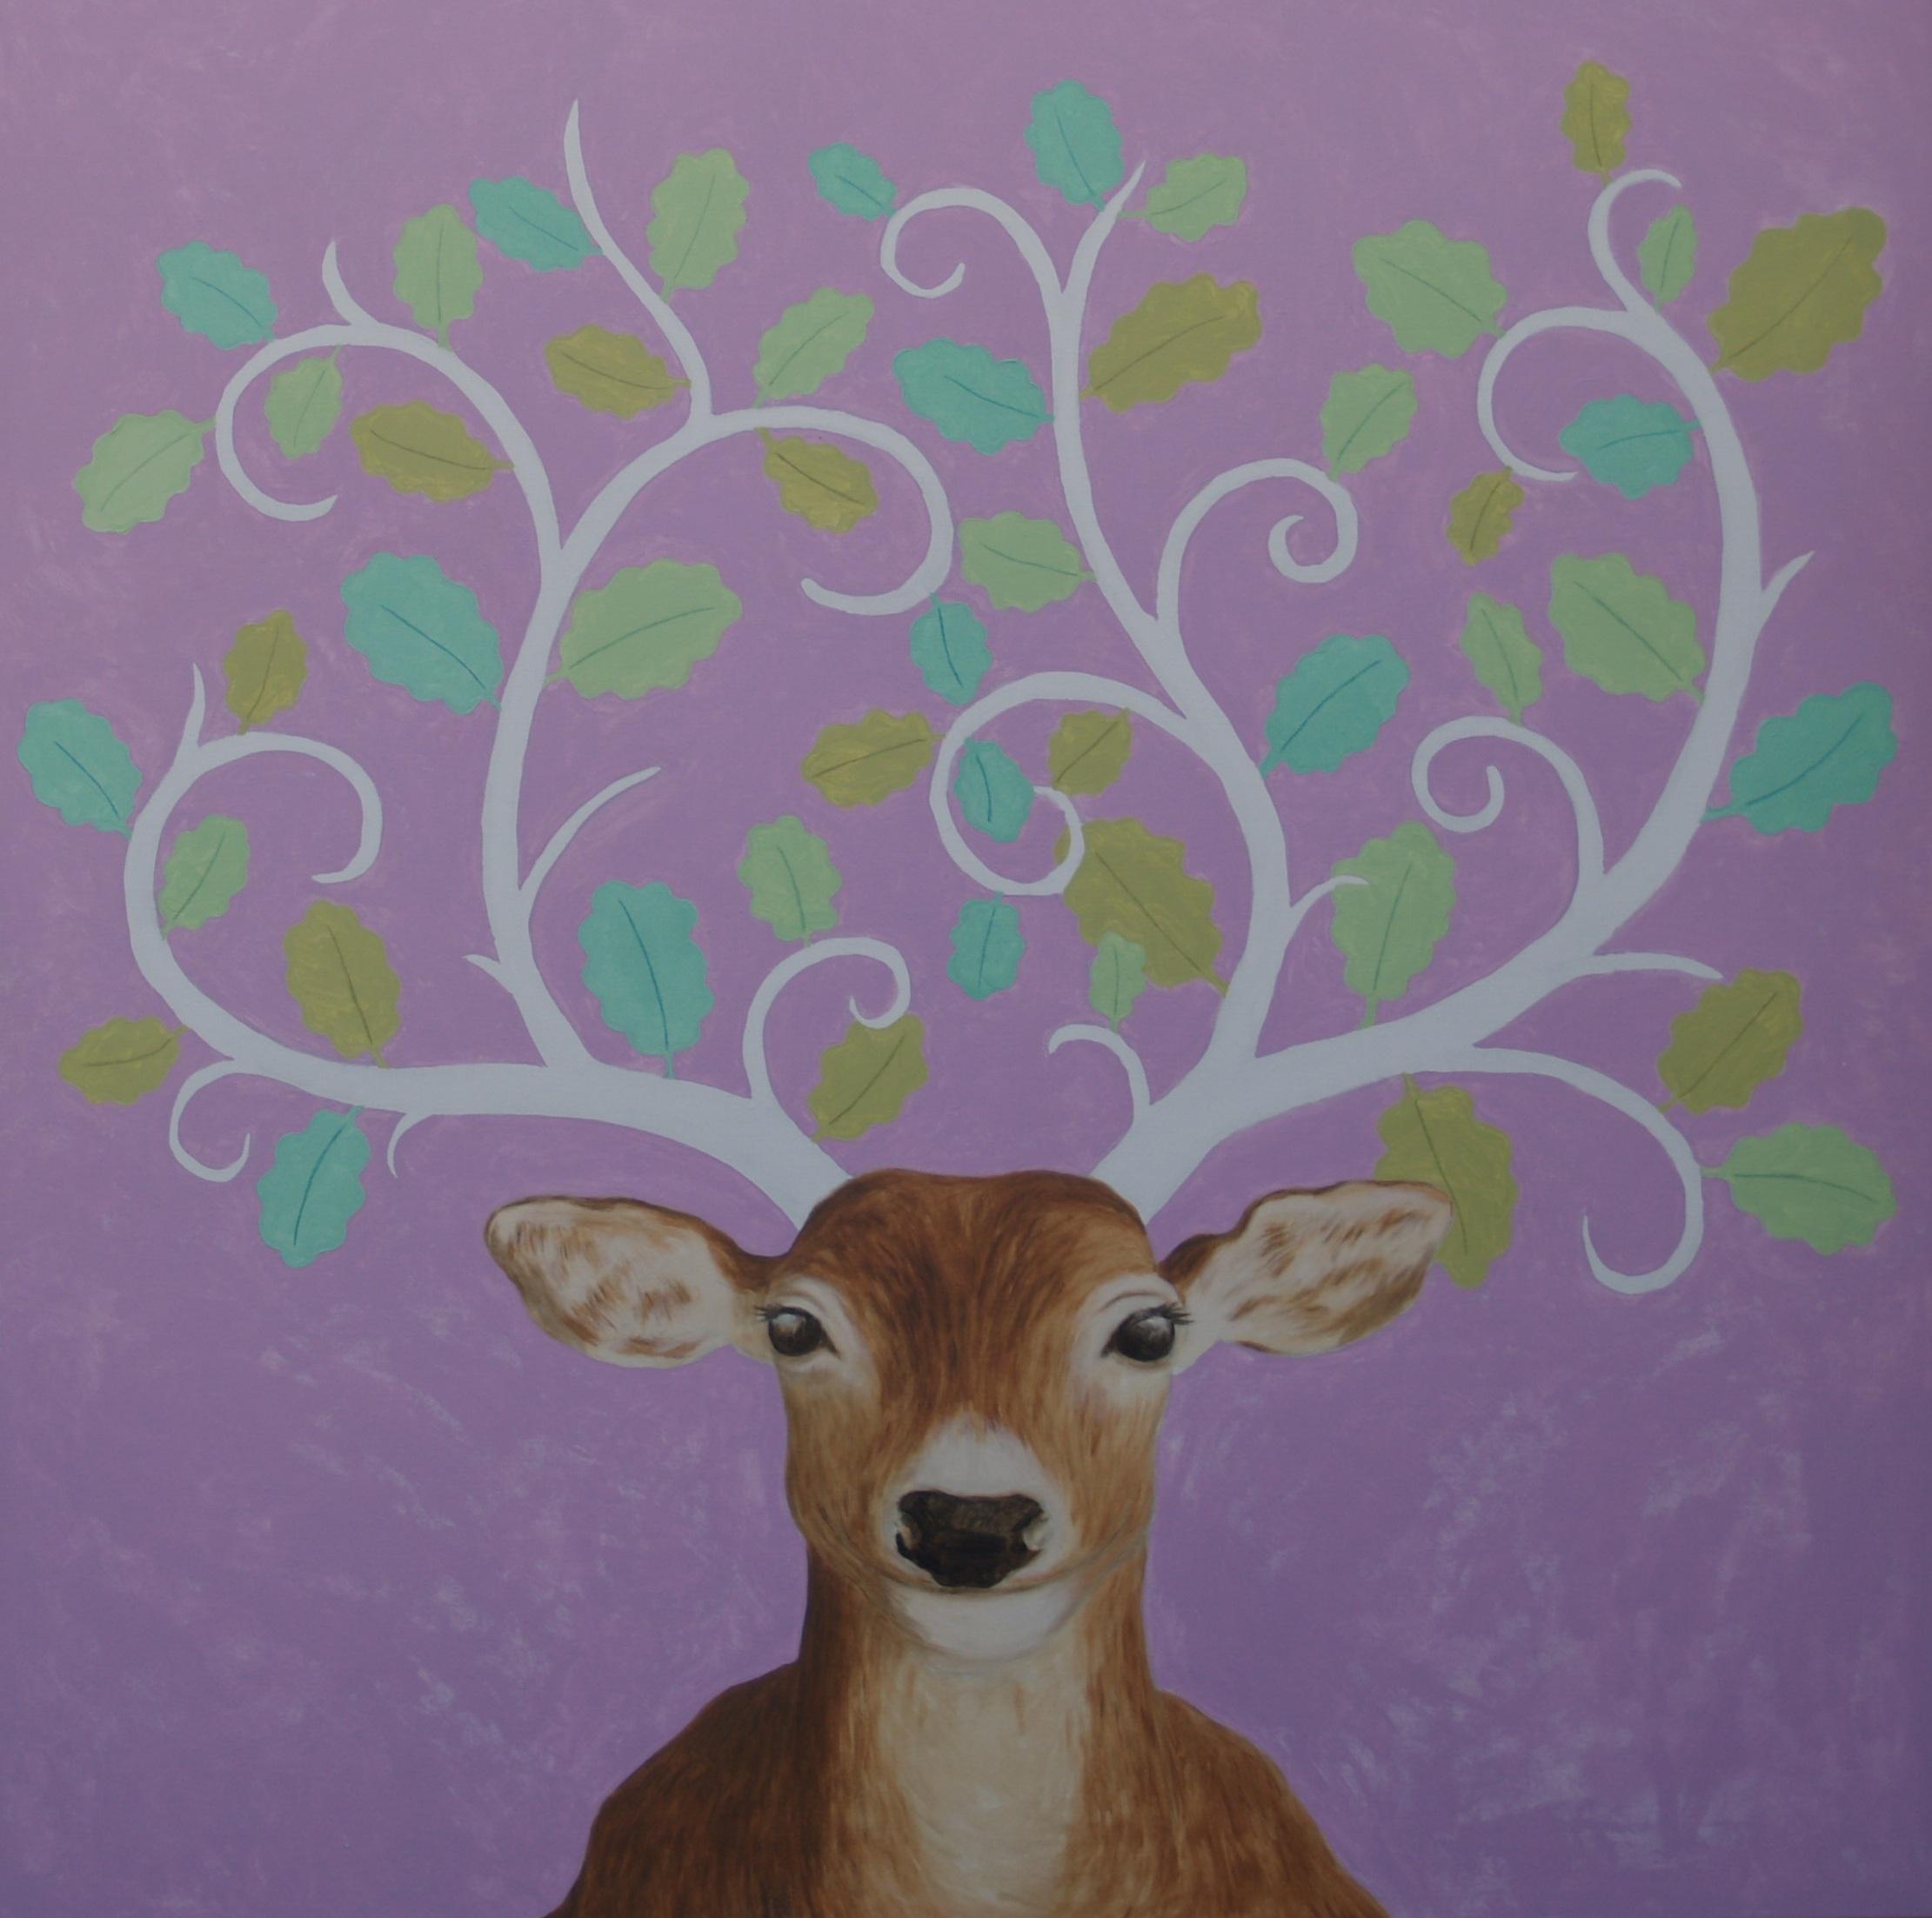 dear o deer